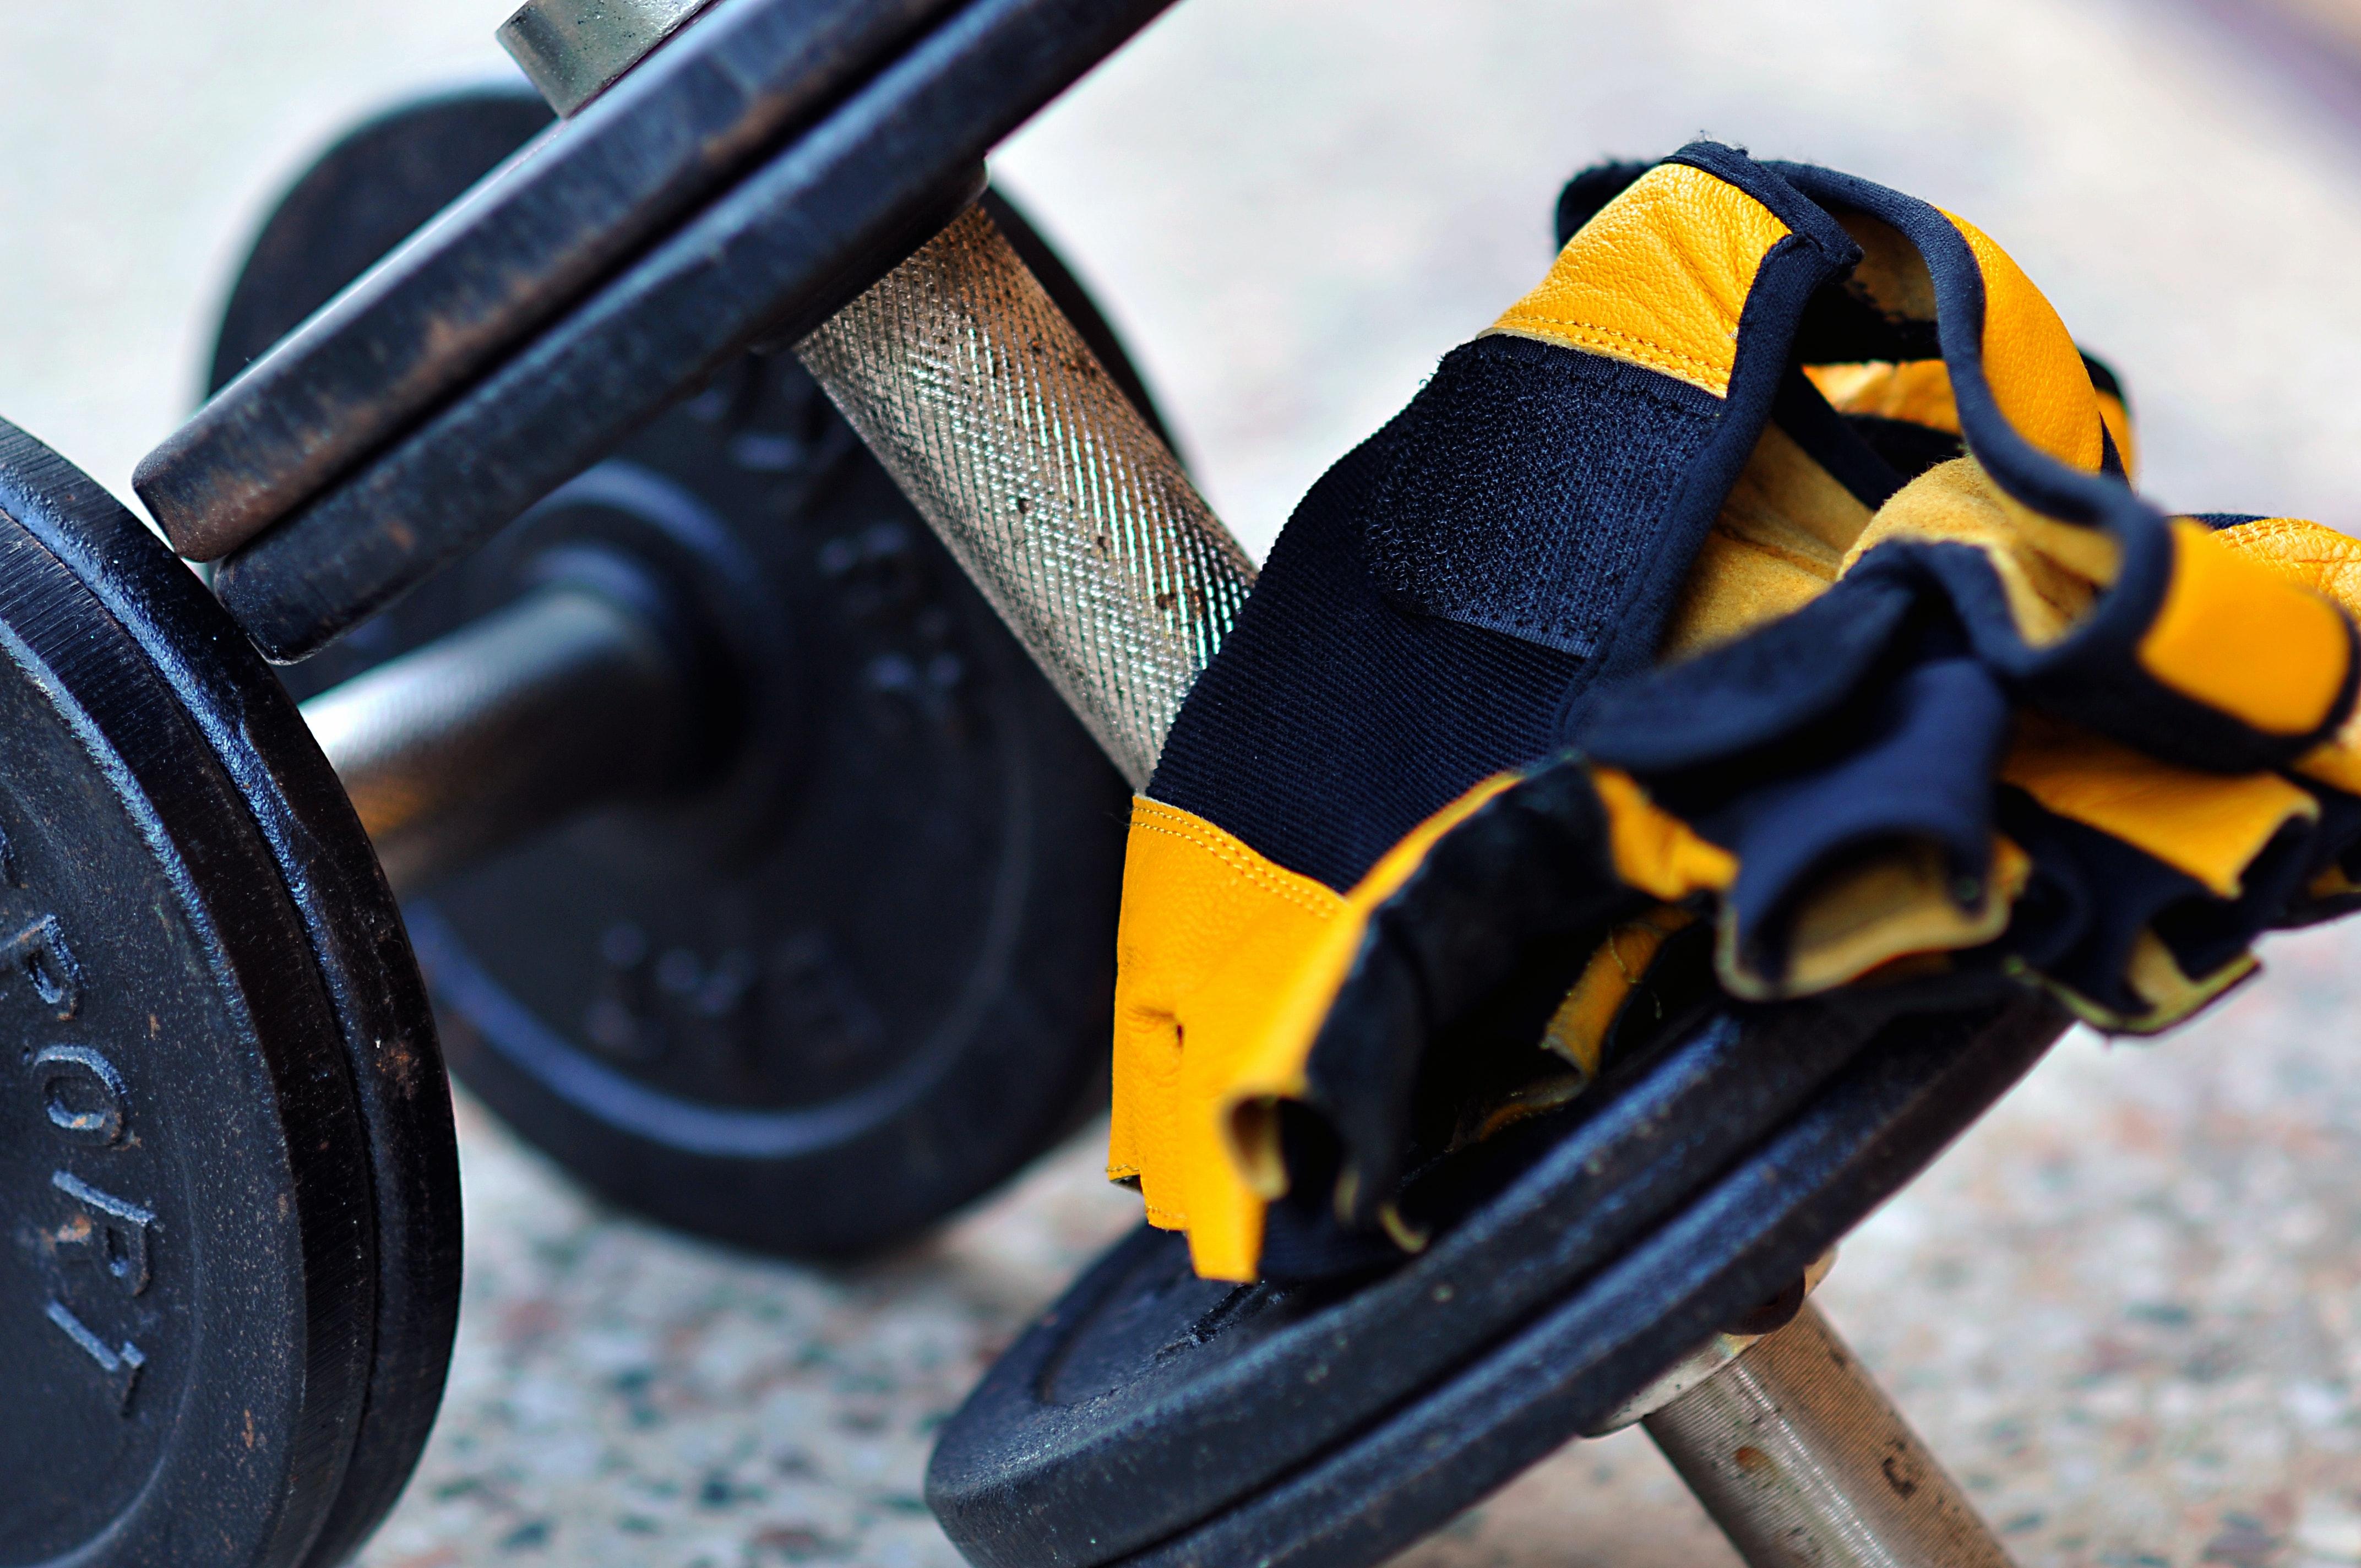 Kick Roller Skate Shoes